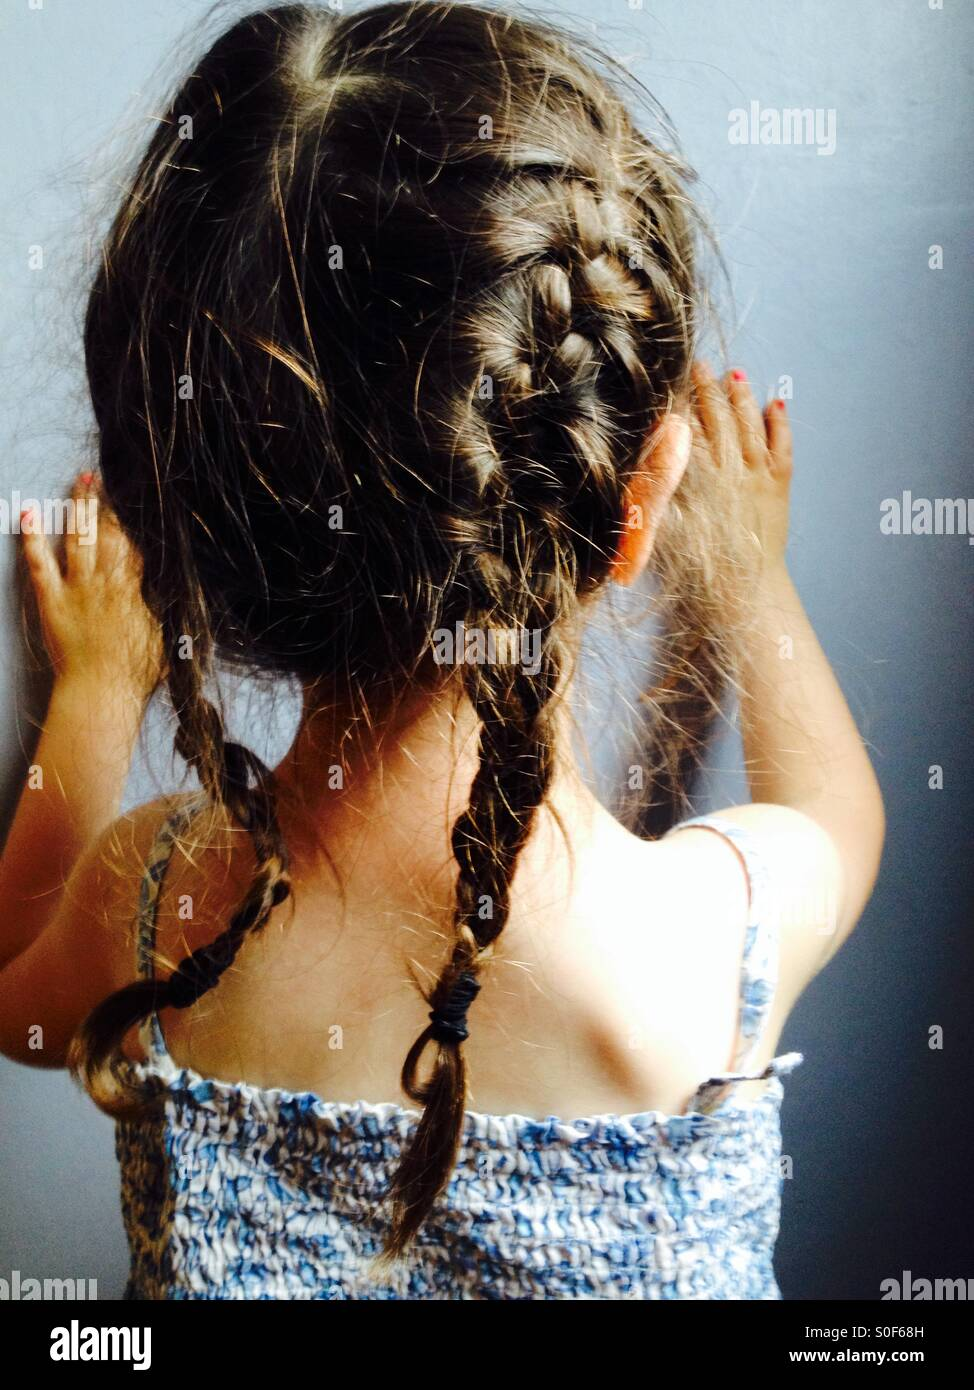 Zöpfen auf ein 3-jähriges Mädchen Stockbild